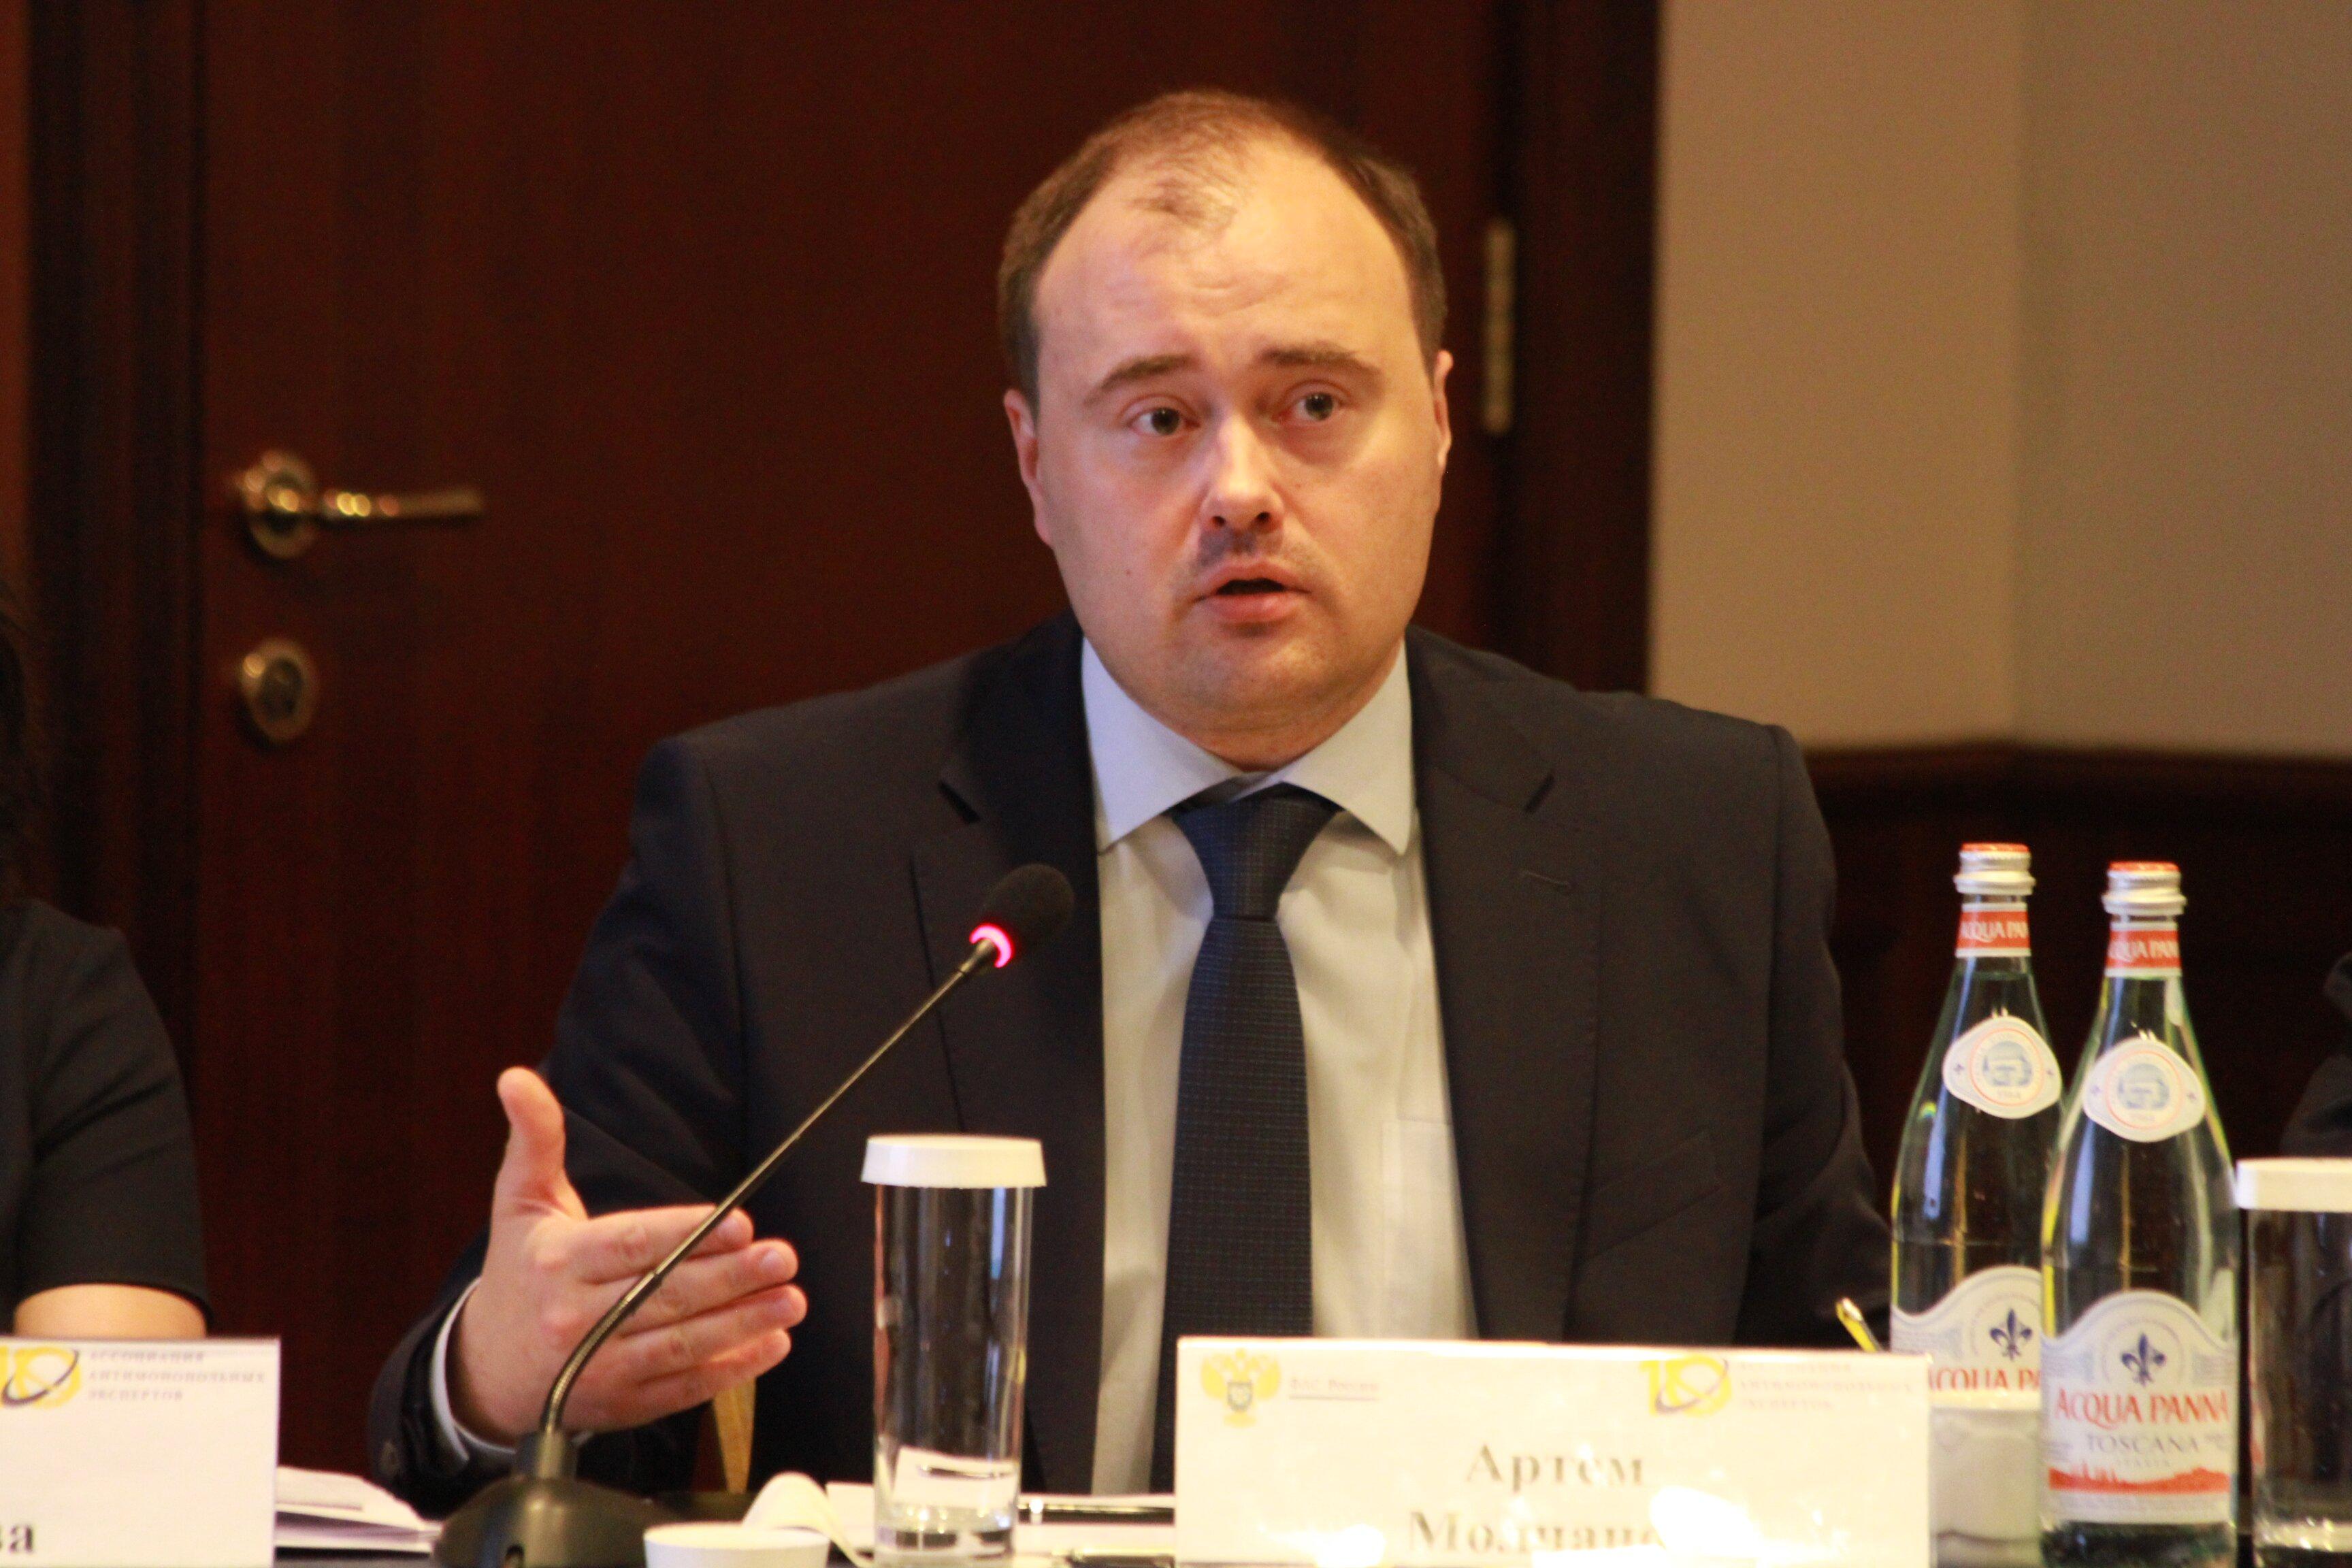 Проект Закона о тарифах будет внесен в Правительство Российской Федерации в ноябре 2017 года